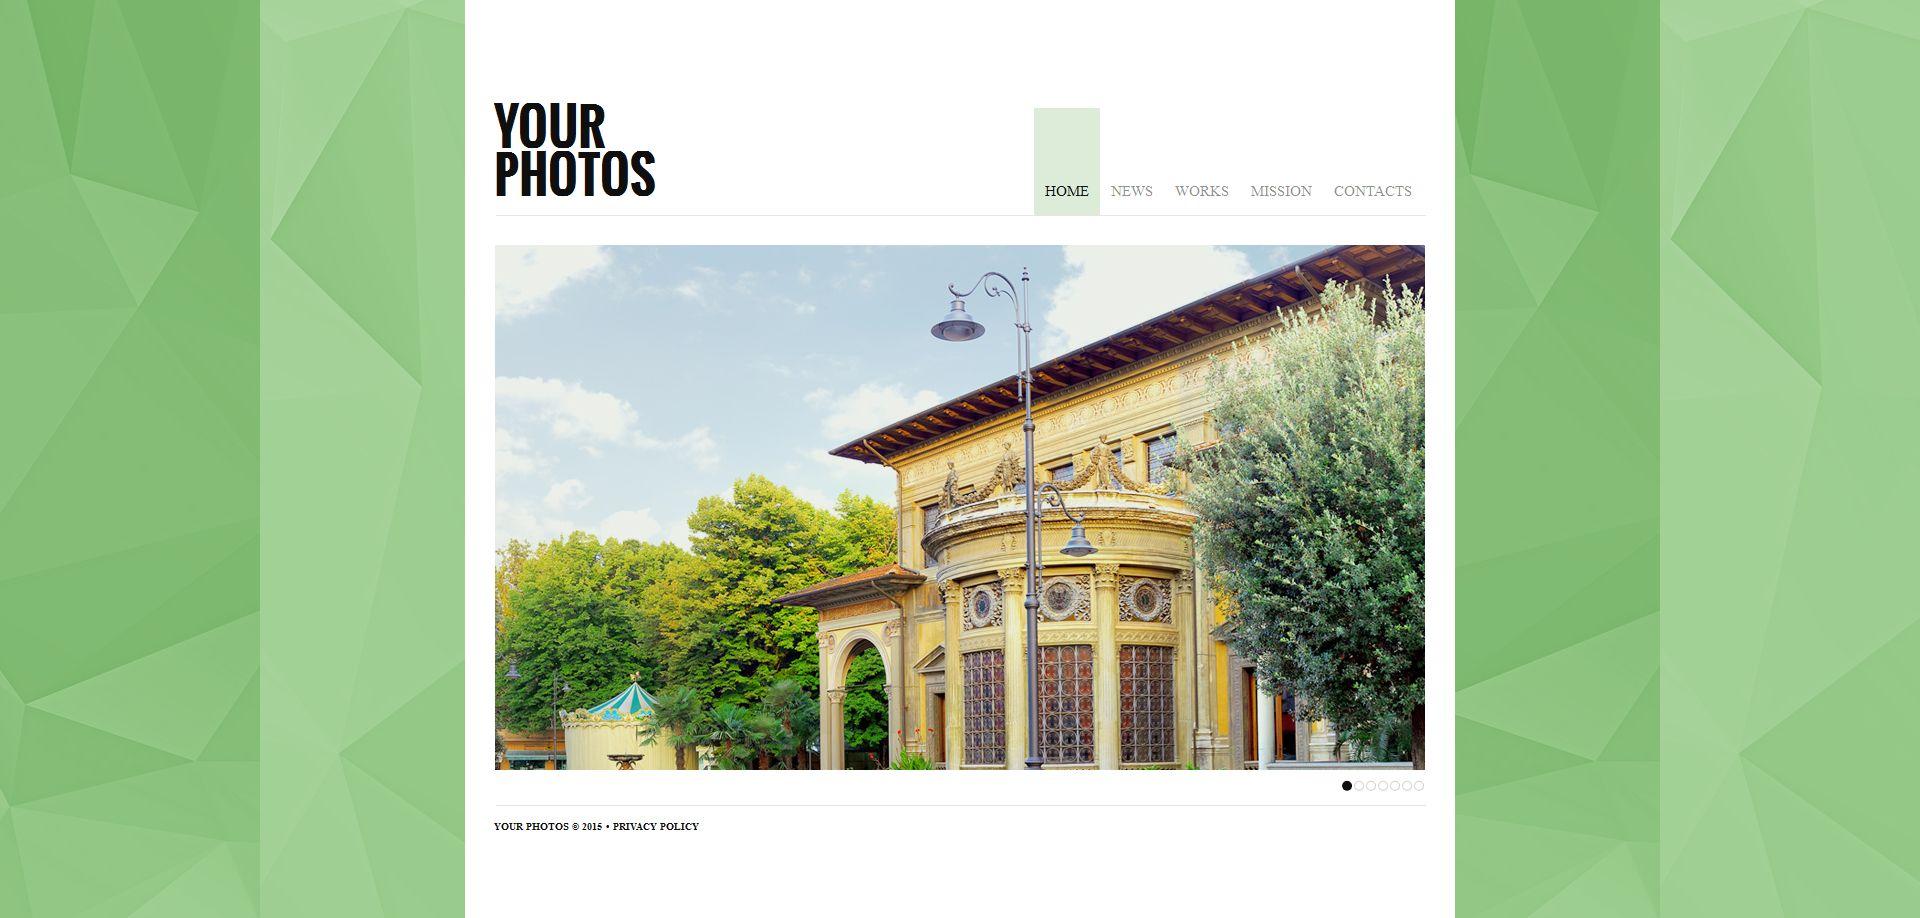 Template de Galeria de Fotos para Sites de Portfólio de Fotografo №54926